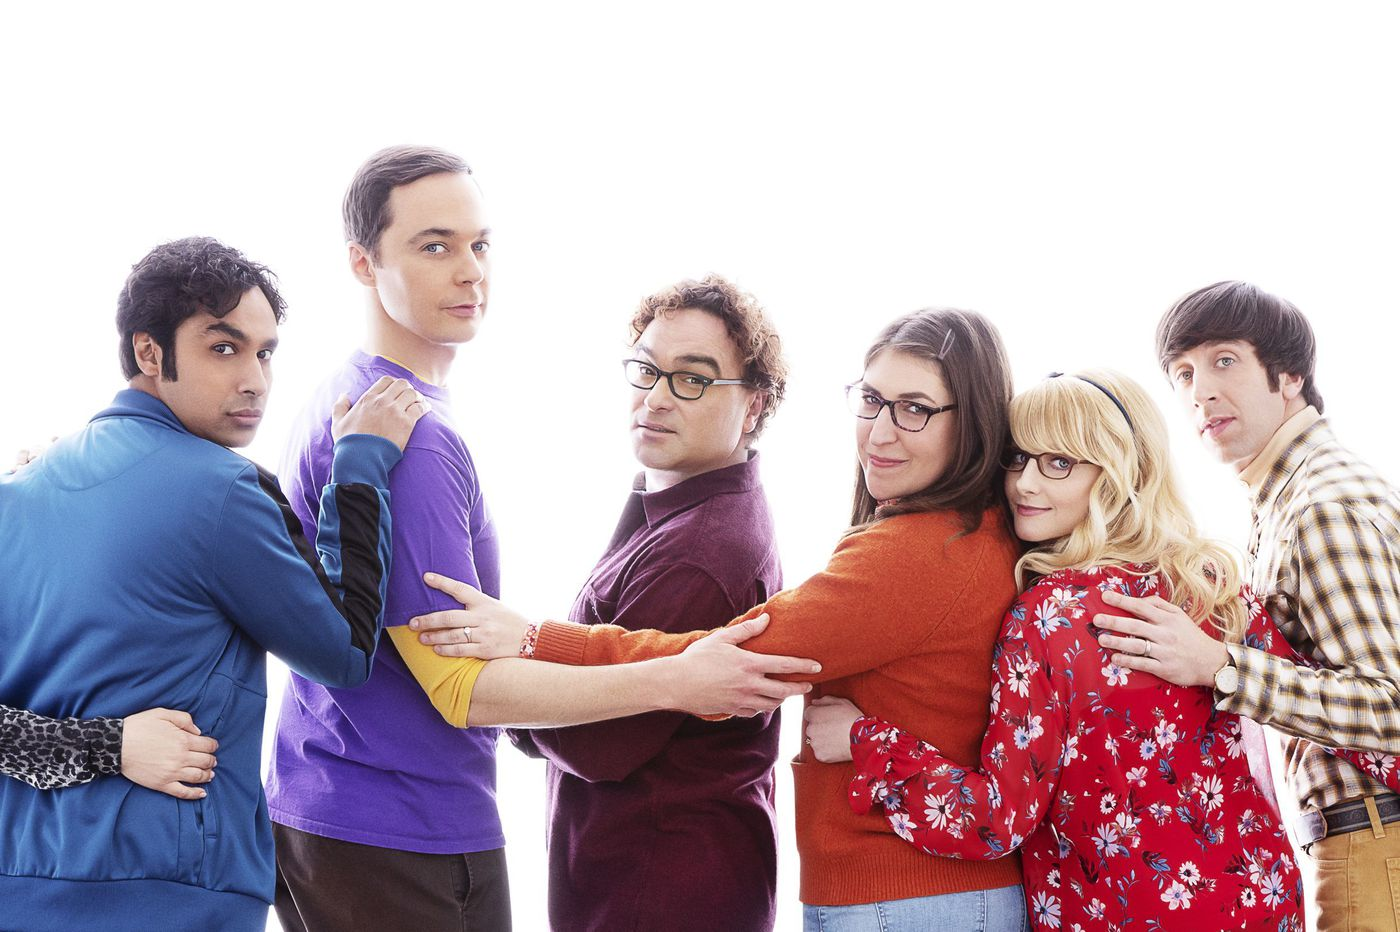 Najlepšie komediálne seriály, ktoré vás budú baviť celé dni